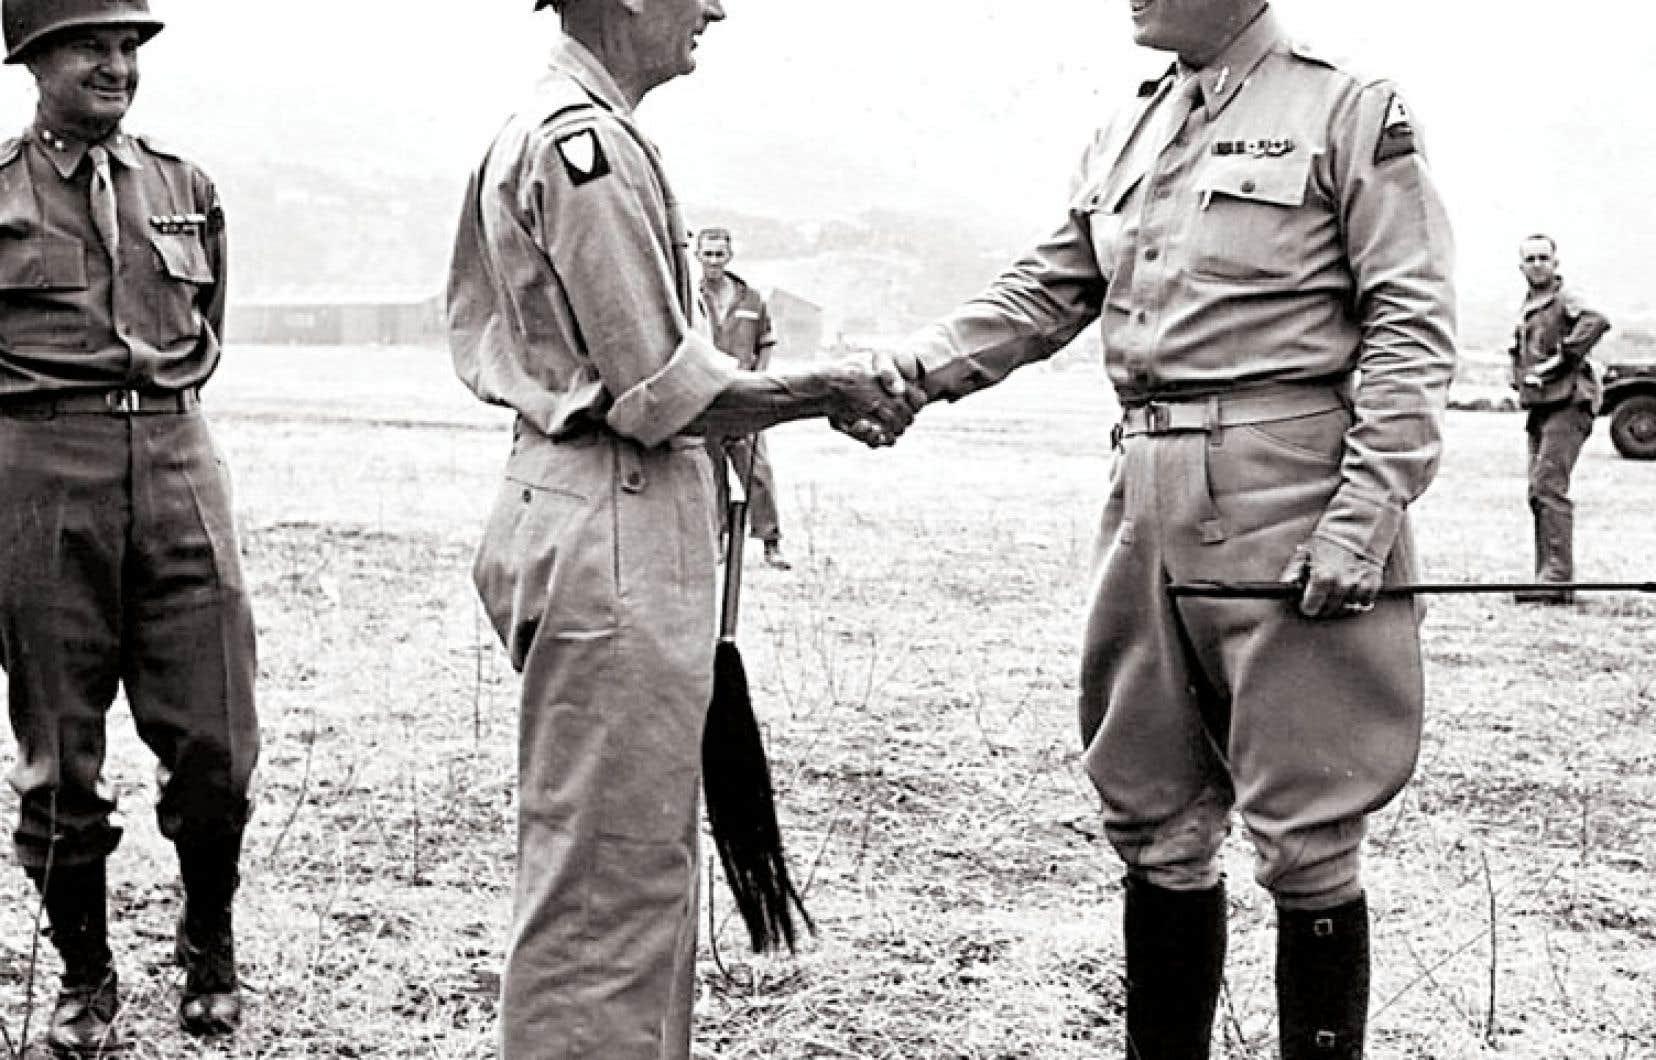 Le général Bernard Montgomery rencontre son homologue américain George S. Patton à l'aéroport de Palerme, en Sicile, le 28 juillet 1943.